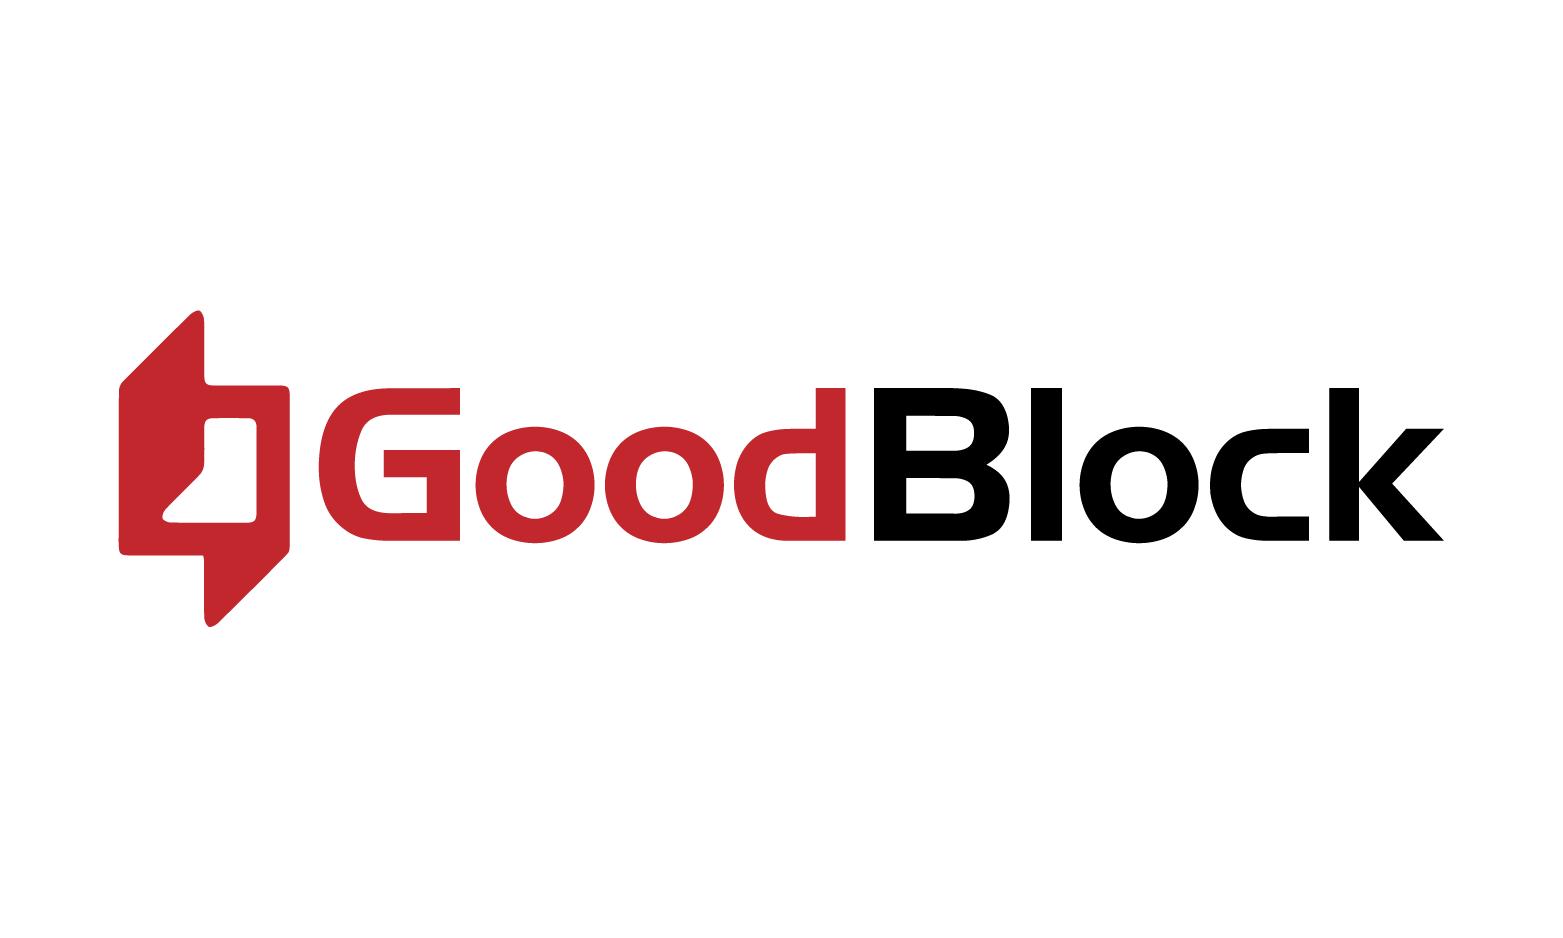 GoodBlock.com